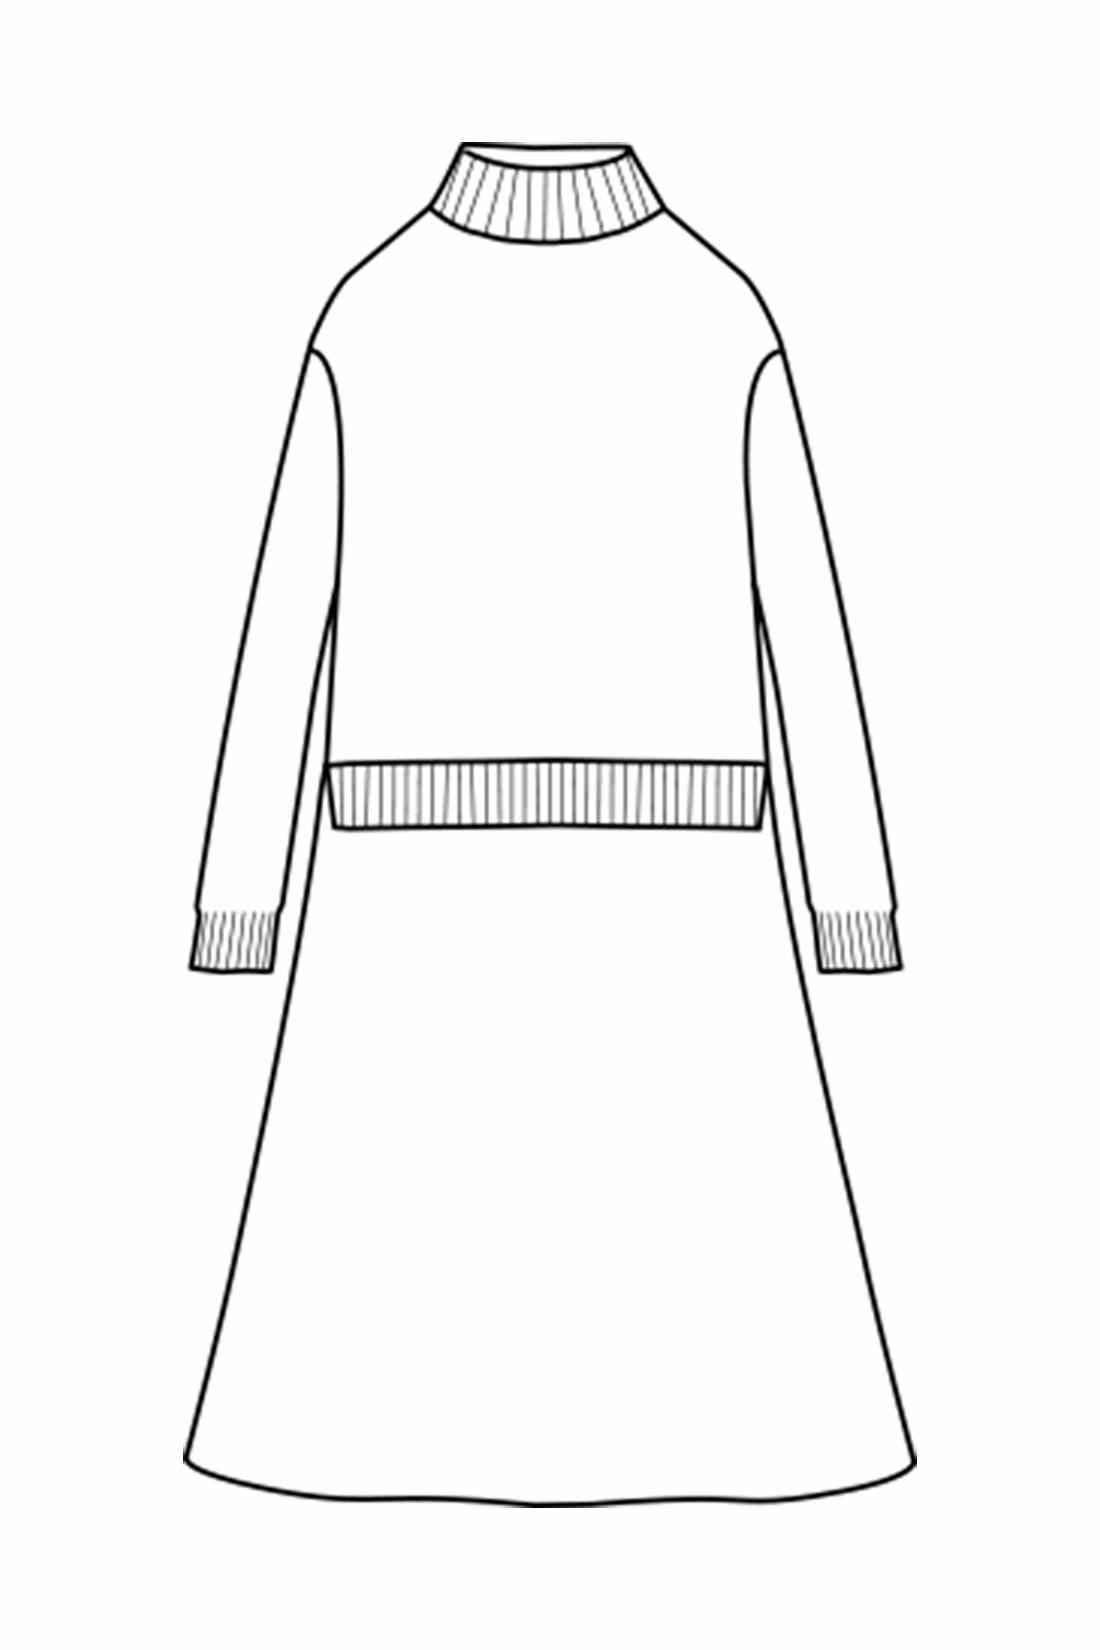 ハイネック+ミモレ丈 暖かくトレンド感ある衿もと。コンパクトでほどよく抜け感もあるドロップショルダーのトップスに、甘すぎない大人のフレアーが印象的なひざ下丈のスカートをドッキング。